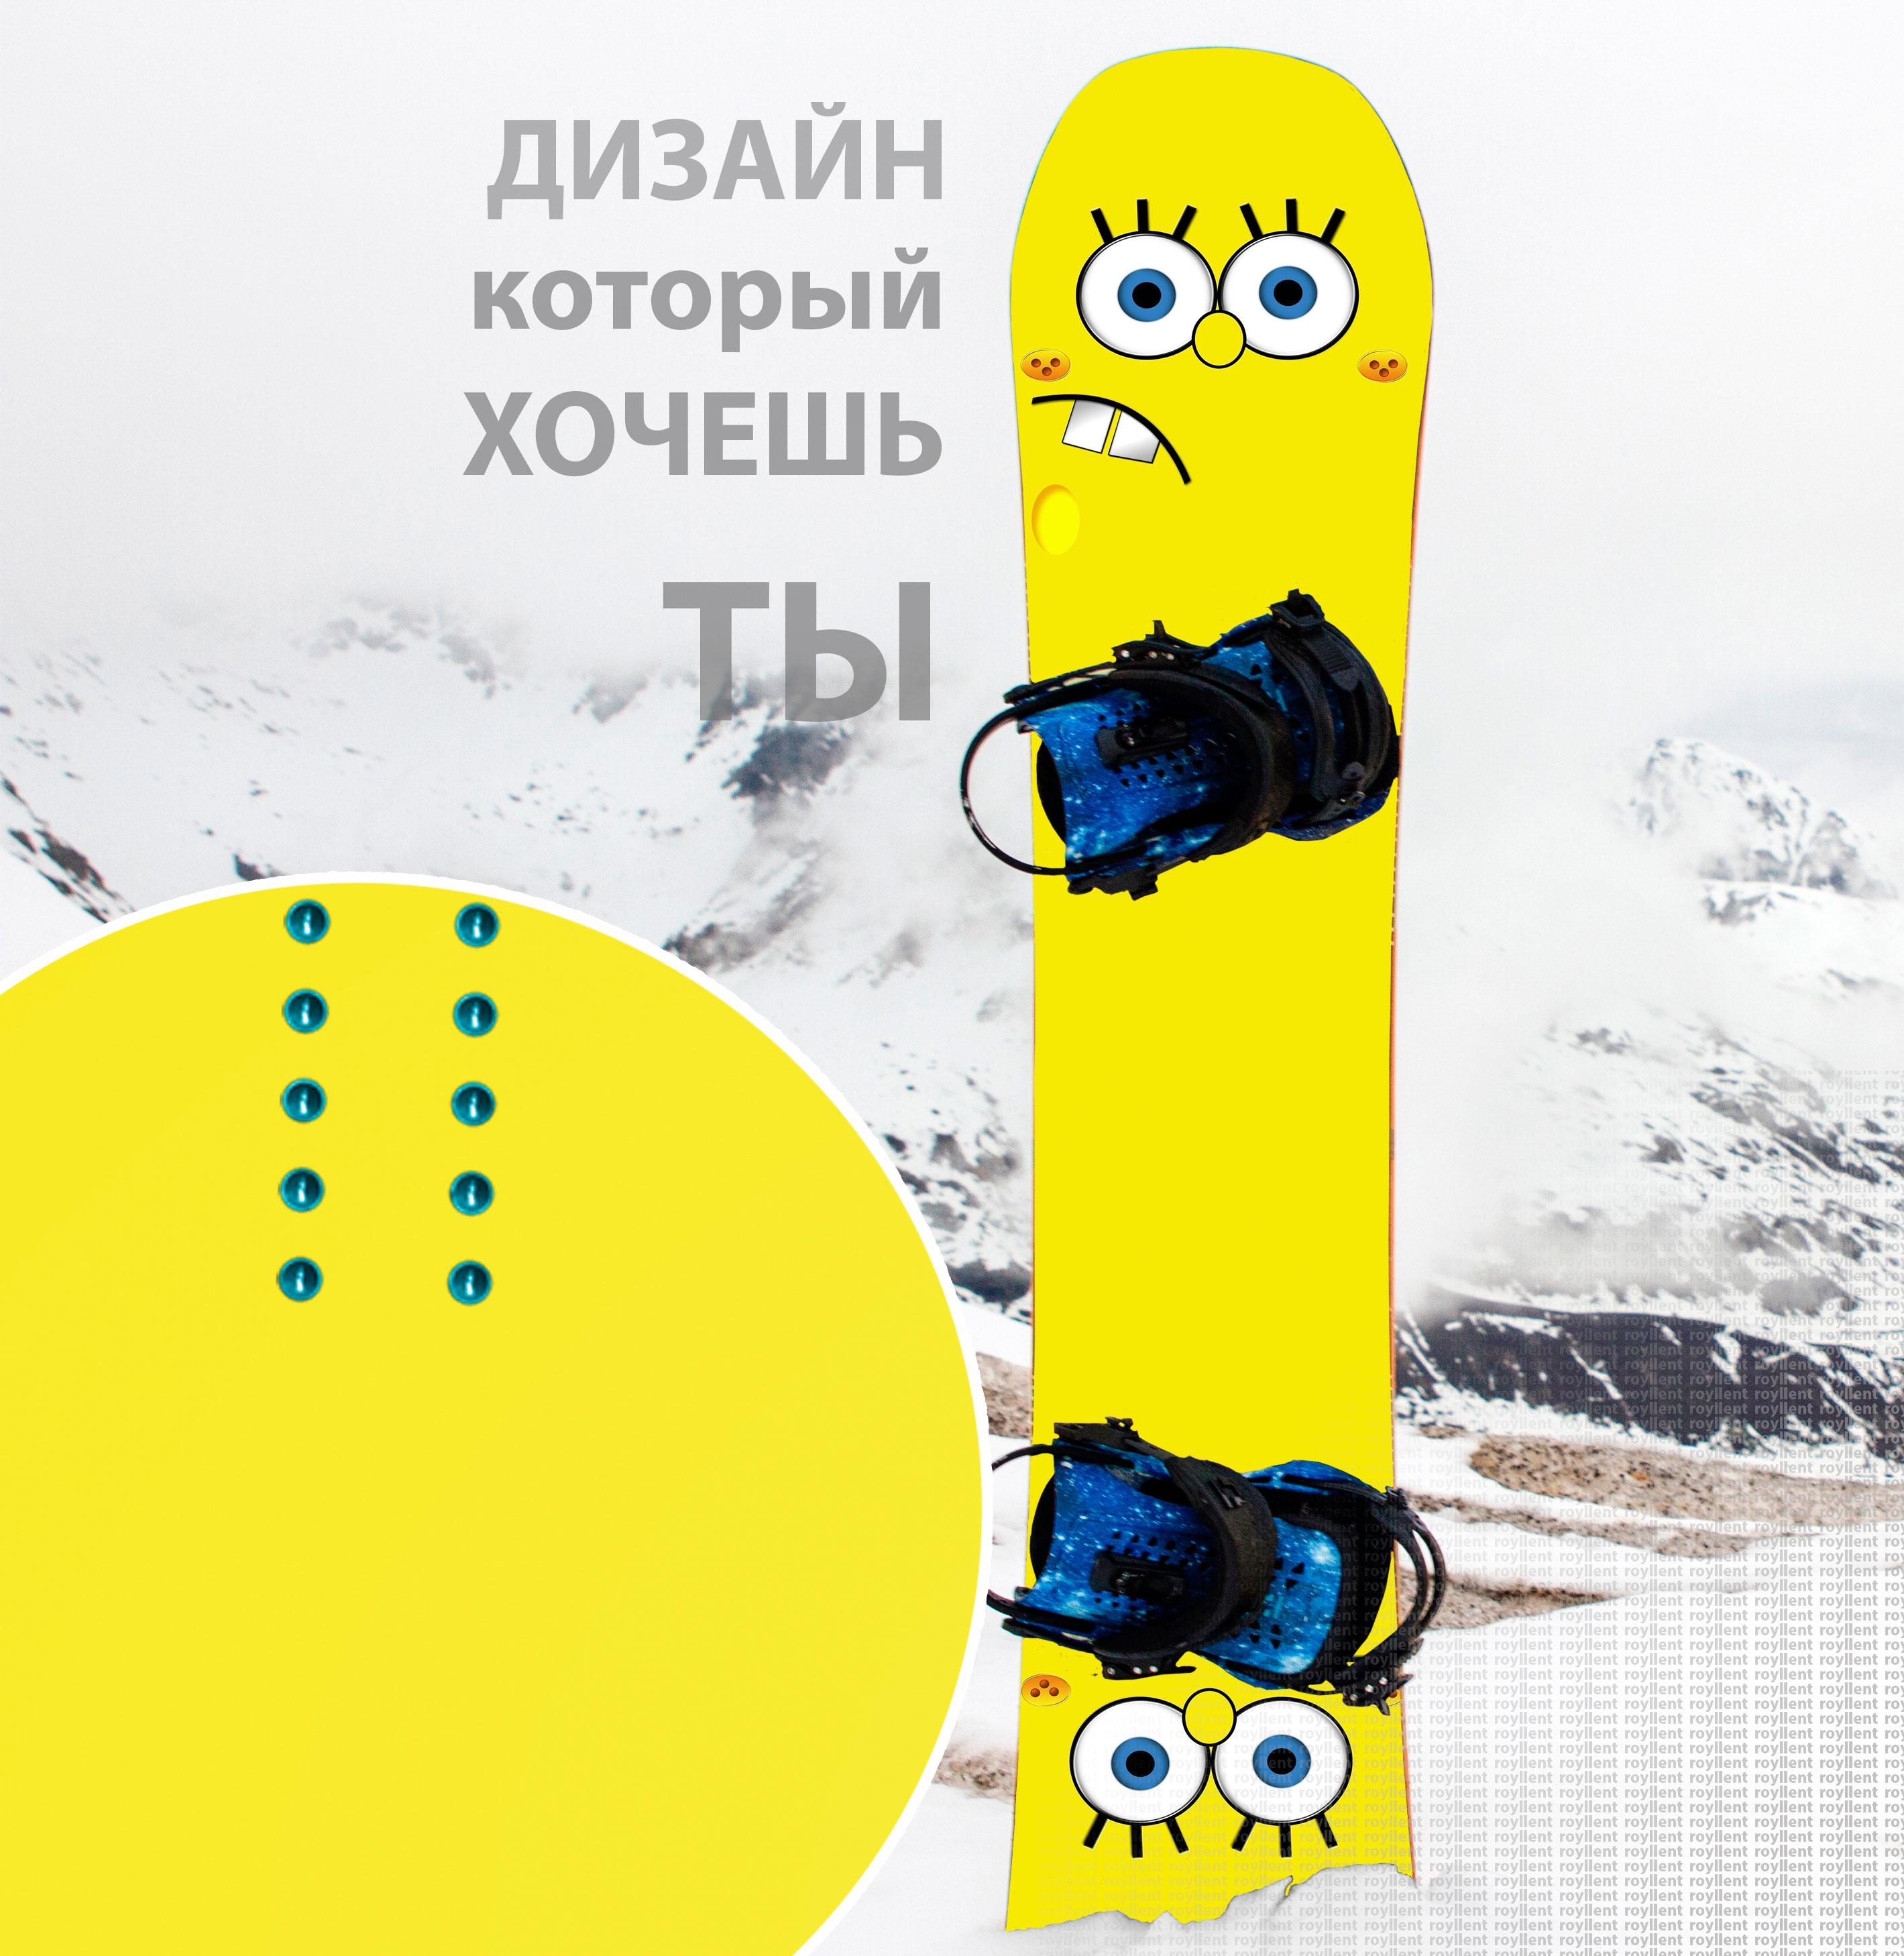 Виниловая наклейка на сноуборд sponge bob no smile Купить недорого с доставкой по России